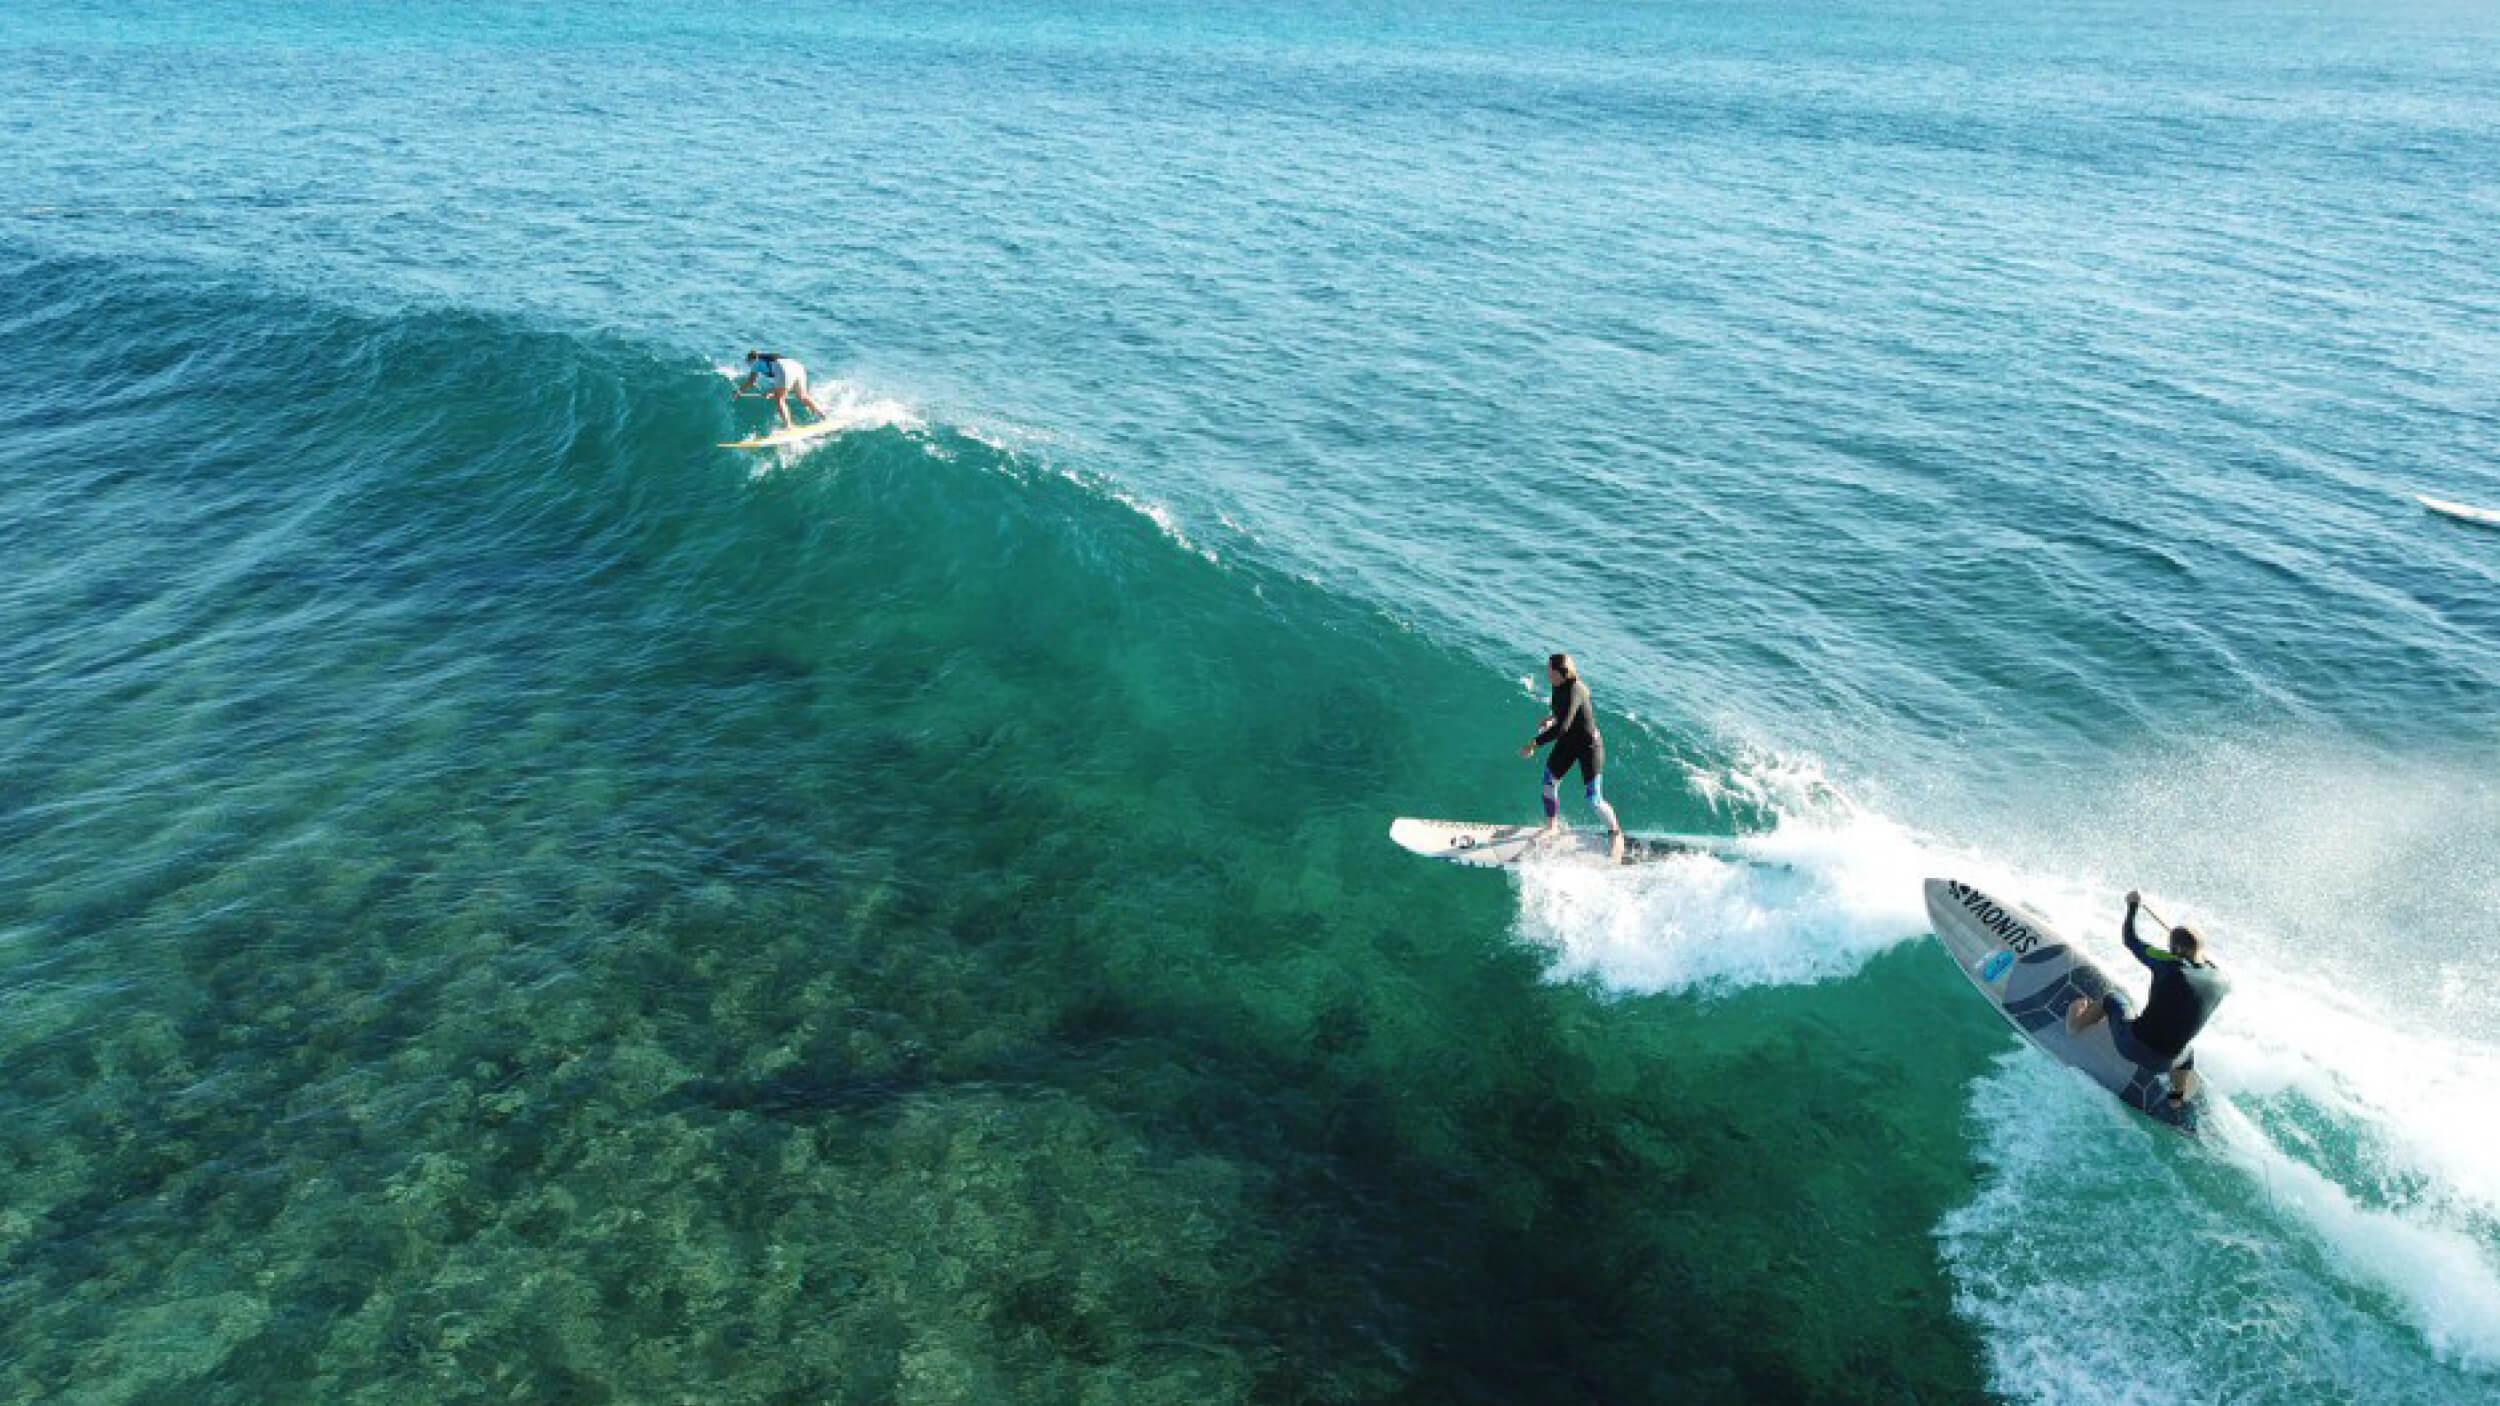 Montebello Islands Surfing